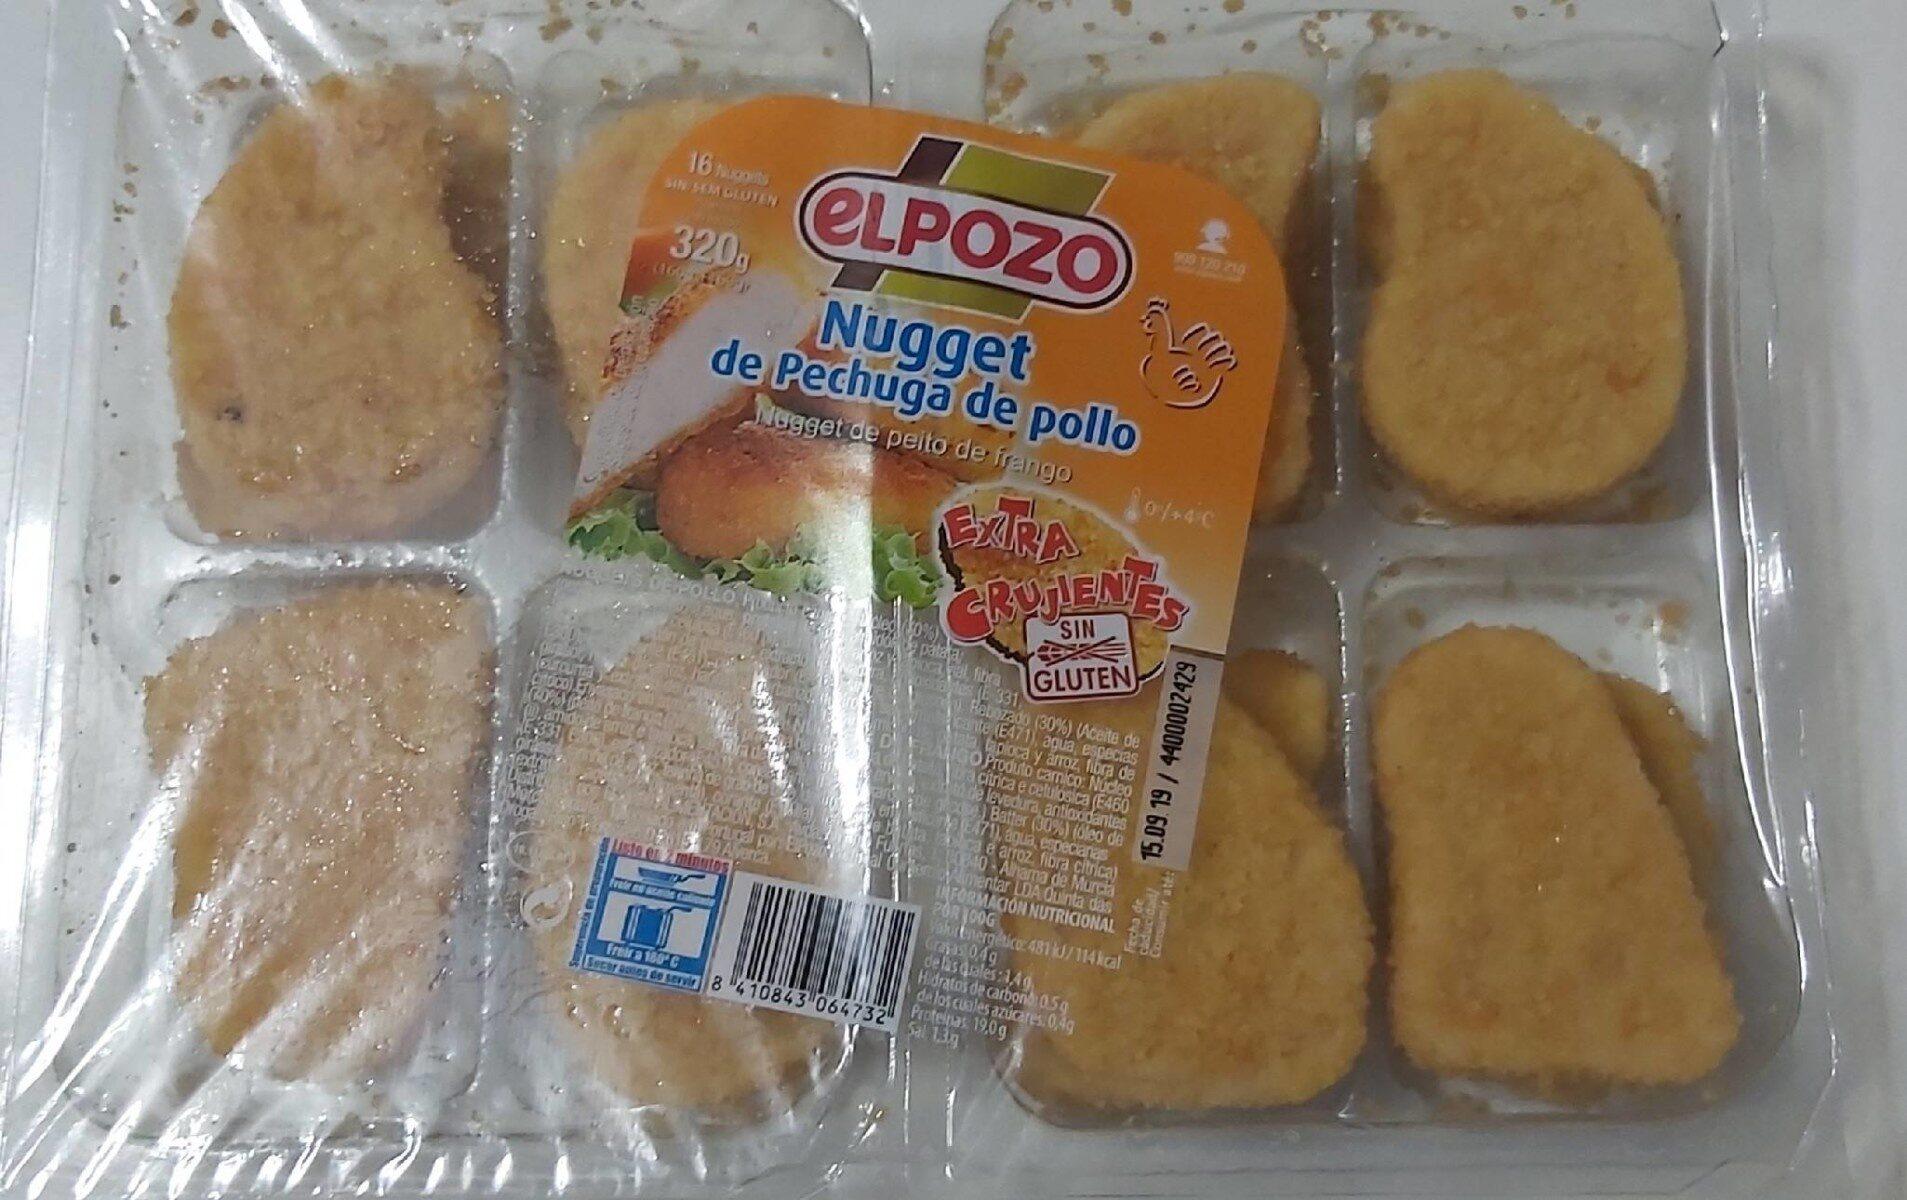 Nugget de pechuga de pollo - Producto - es